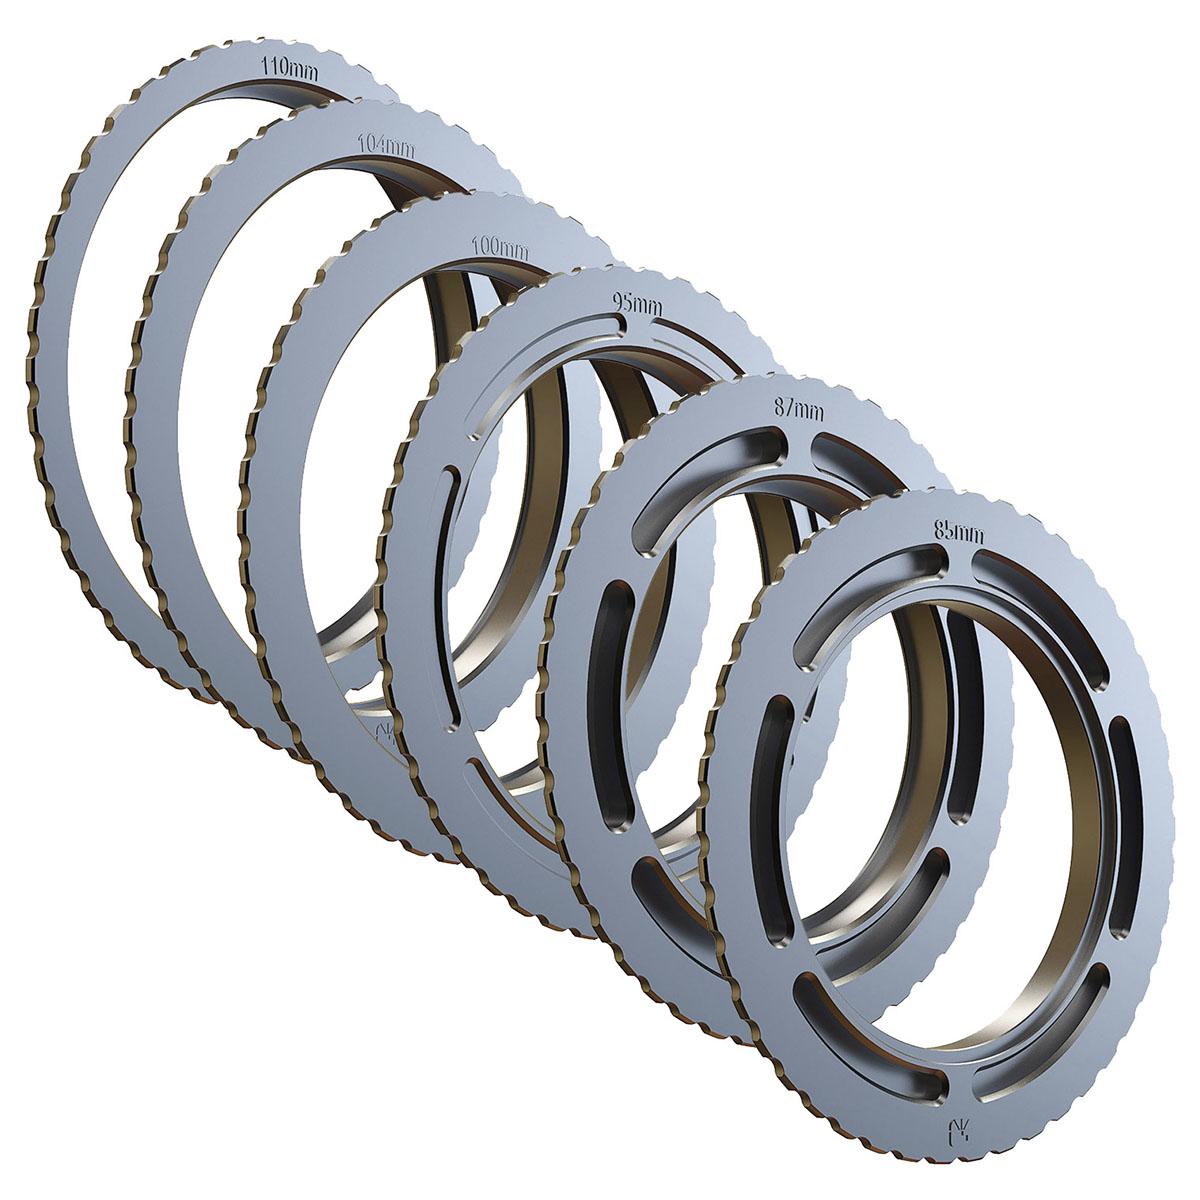 Bright Tangerine Strummer Donuts 114-110mm Threaded Adapter Ring